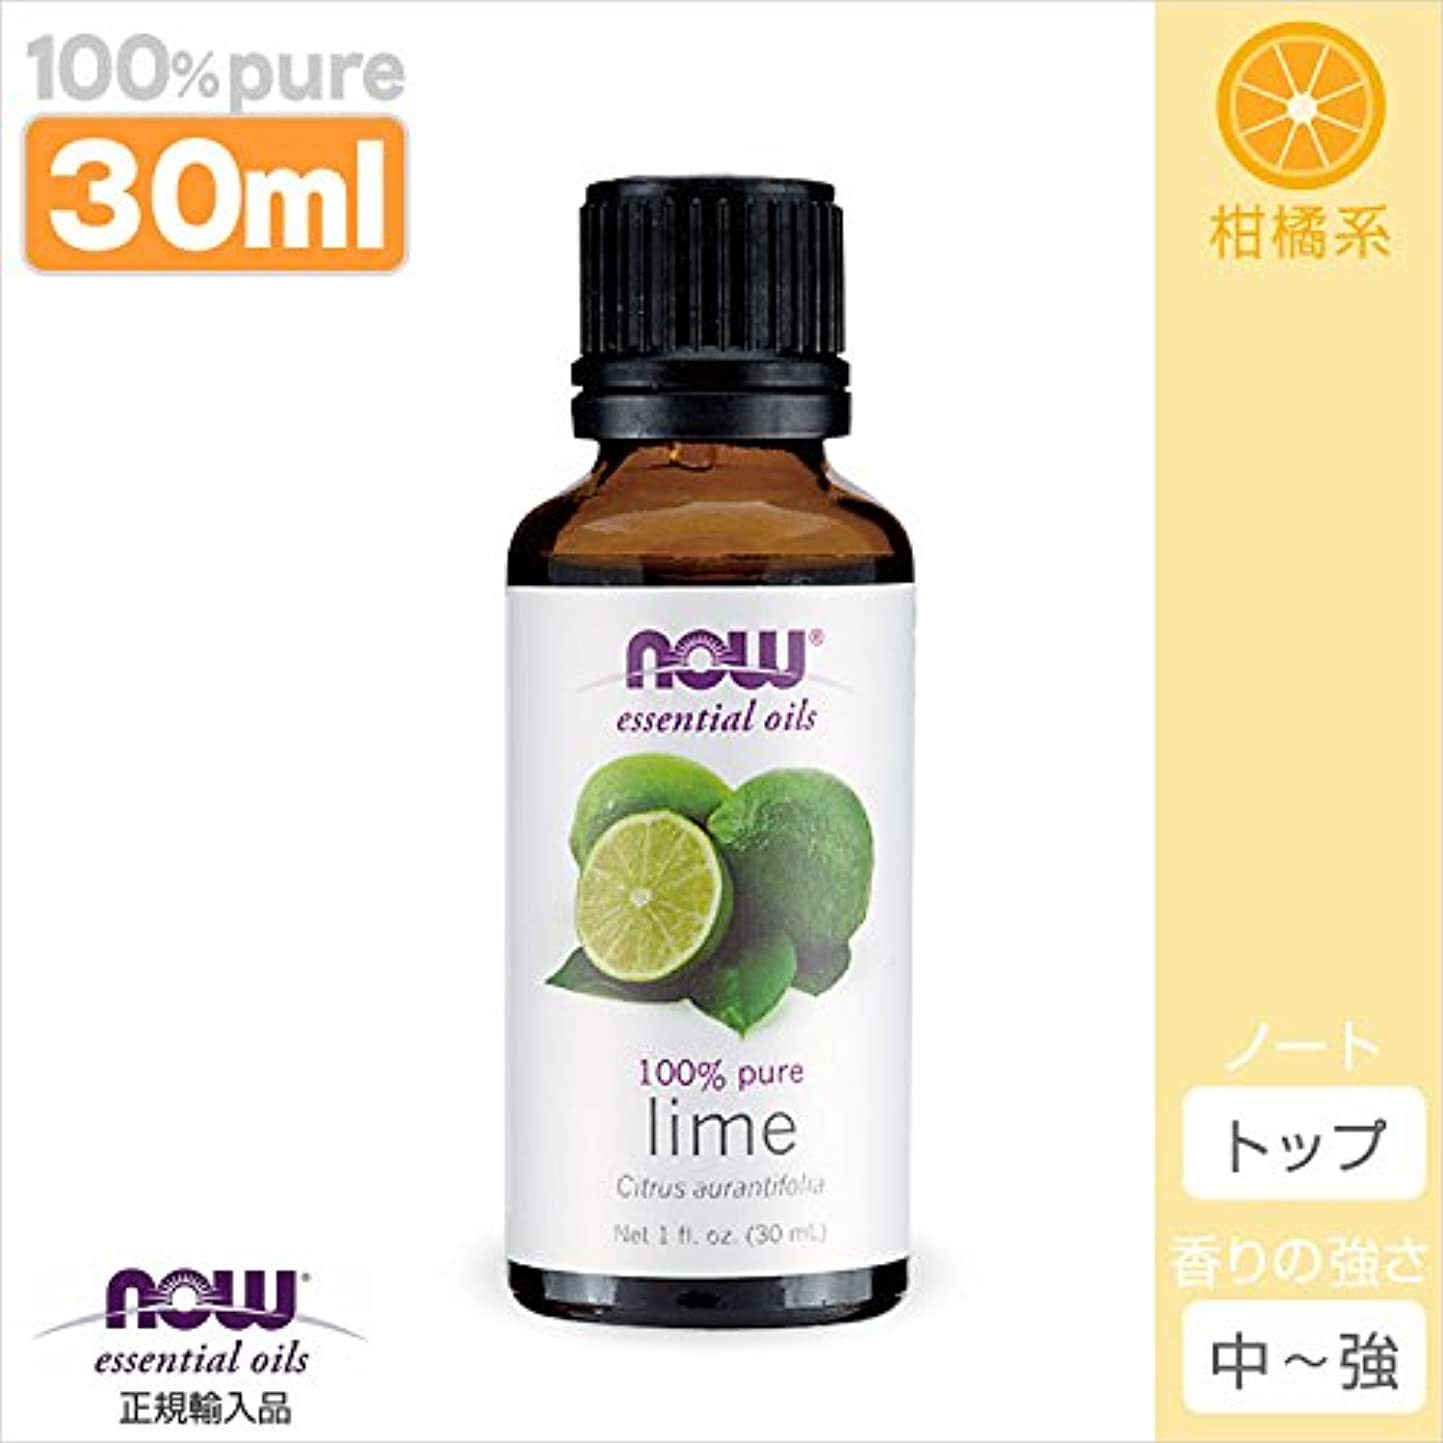 保護ペグキャリッジライム精油[30ml] 【正規輸入品】 NOWエッセンシャルオイル(アロマオイル)